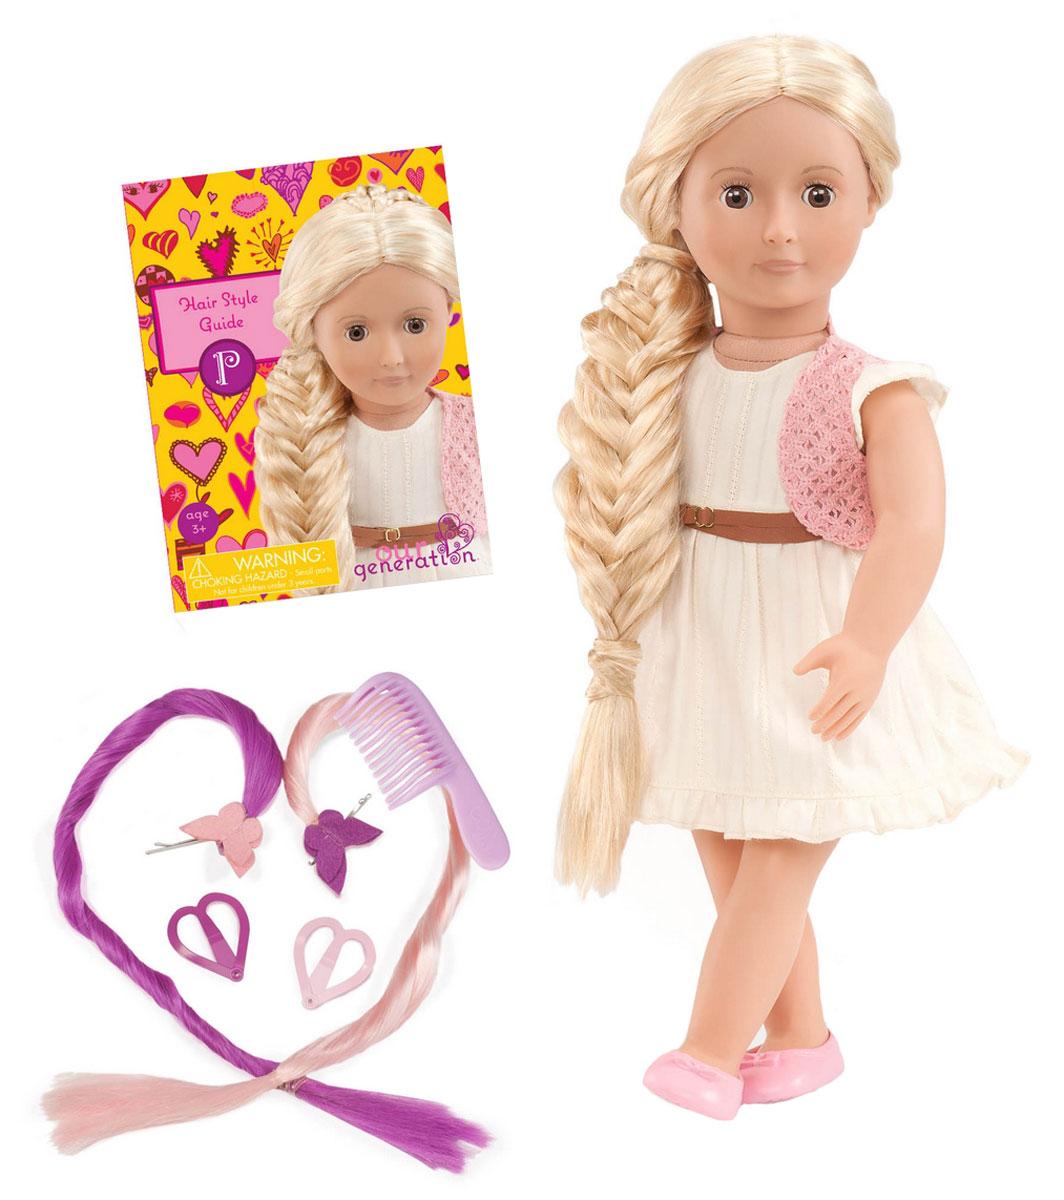 Our Generation Кукла Фиби в платье11524С куклой Our Generation Фиби любая девочка сможет почувствовать себя настоящим модным стилистом. У Фиби длинные густые волосы, которые вдохновляют на новые эксперименты с разнообразными прическами. Некоторые варианты причесок можно найти в красочном каталоге, который входит в комплект. Тело Фиби мягконабивное, а голова, ноги и руки выполнены из прочного материала. Кукла одета в легкое платье молочного цвета и розовую жилетку. На ногах Фиби - розовые туфли. В комплект к кукле входят 2 удлиняющие прядки, 2 заколочки в форме сердечек, каталог стильных причесок. Благодаря играм с куклой, ваша малышка сможет развить фантазию и любознательность, овладеть навыками общения и научиться ответственности. Порадуйте свою принцессу таким прекрасным подарком!